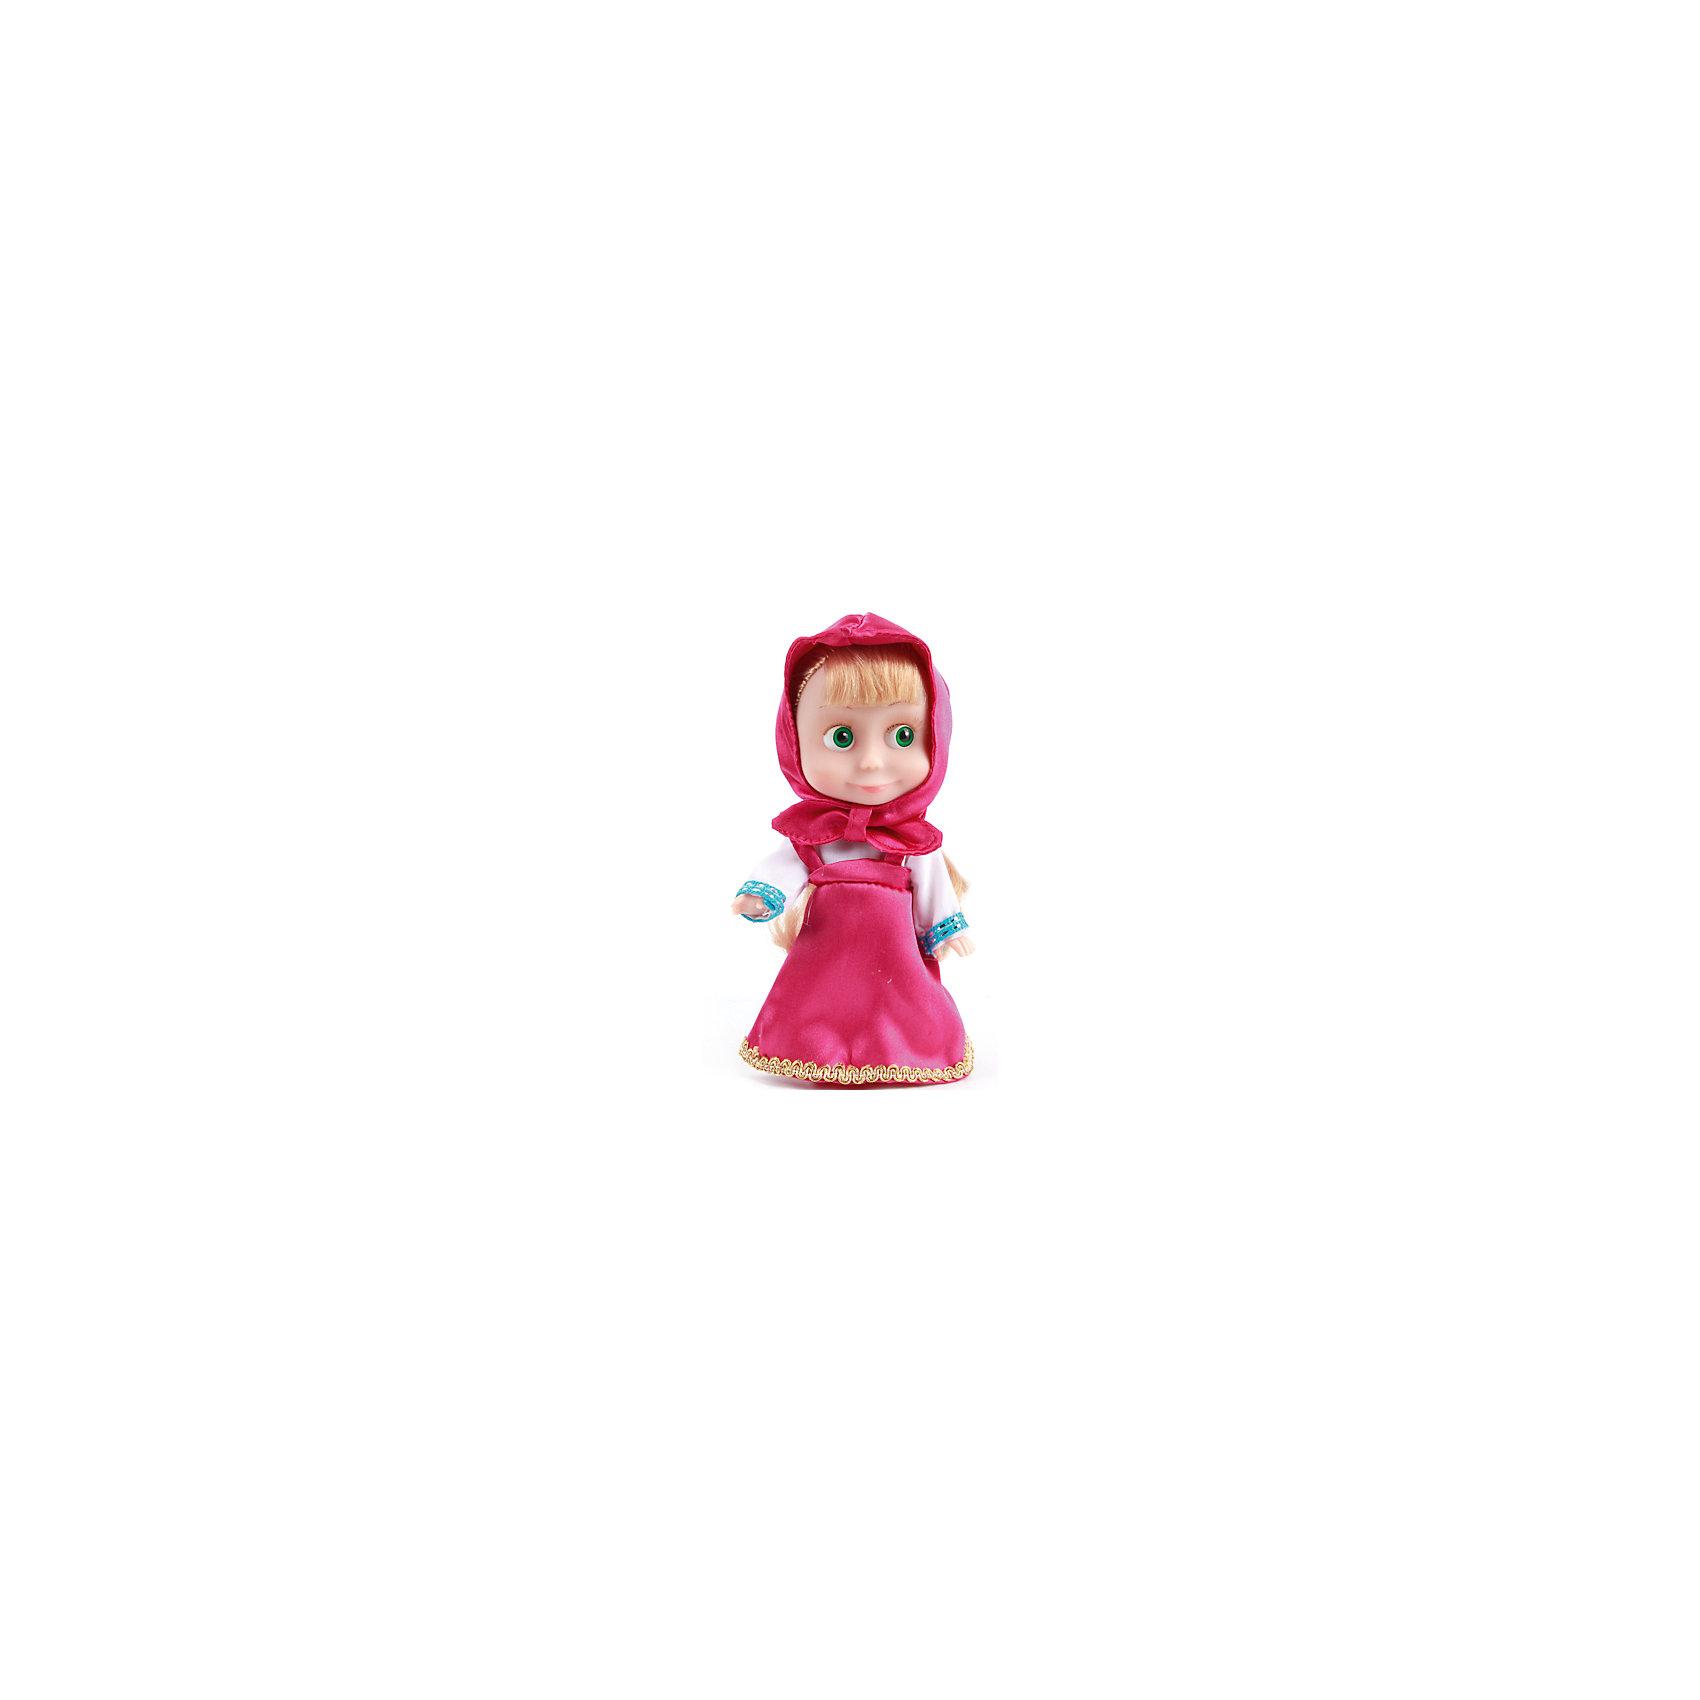 Карапуз Кукла Маша,15 см, со звуком, Маша и Медведь, Карапуз магниты маша и медведь купить игрушку